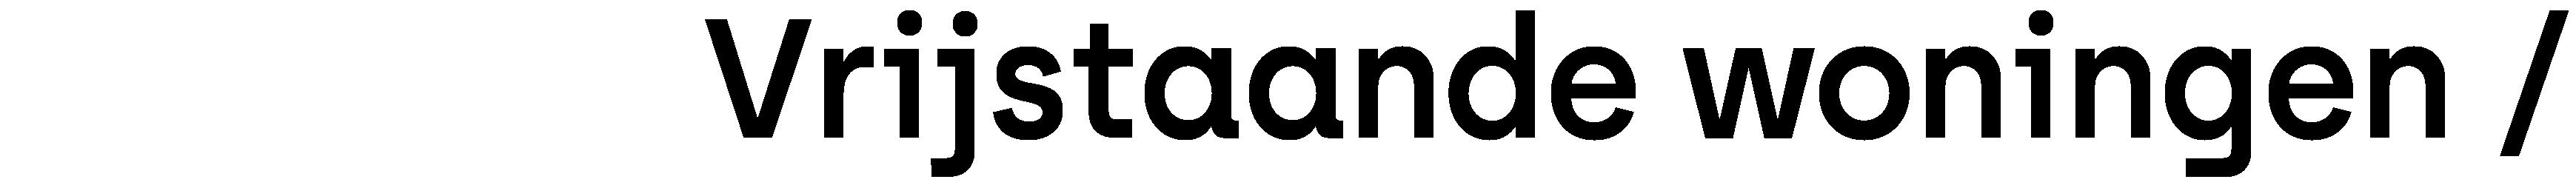 3d157c70-1acc-11eb-a8e9-f7b543171572.png